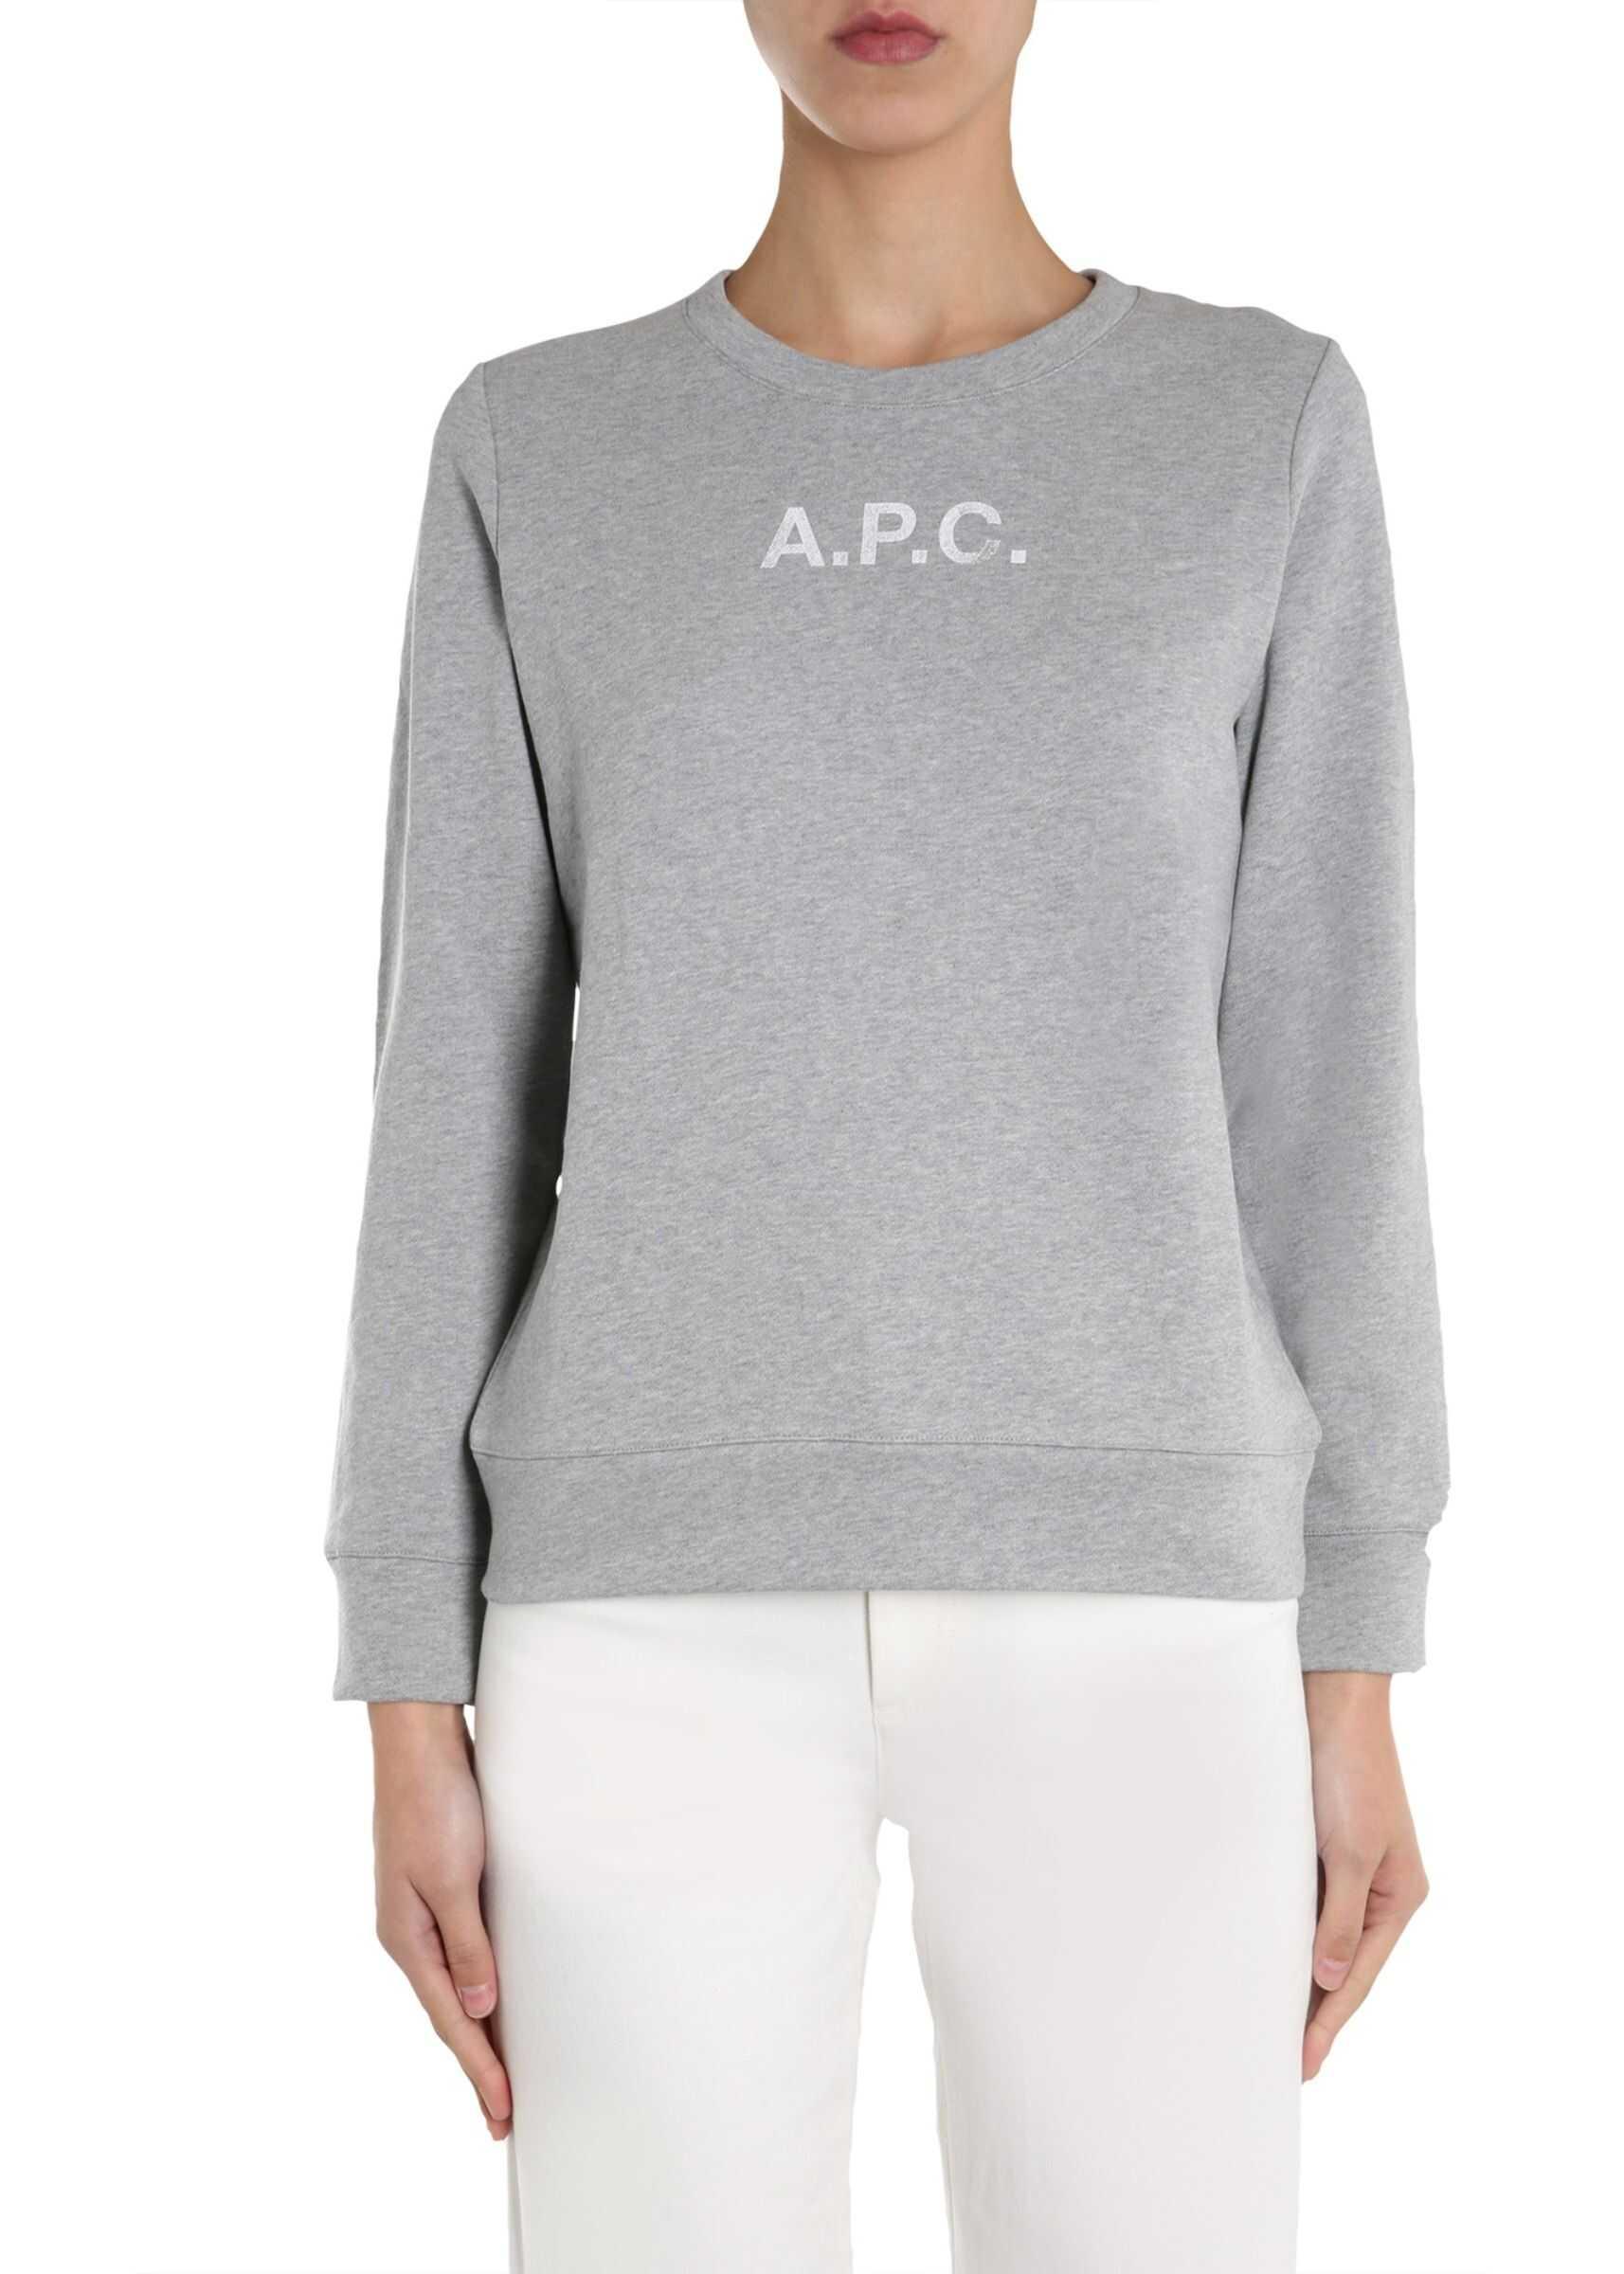 A.P.C. Round Neck Sweatshirt GREY